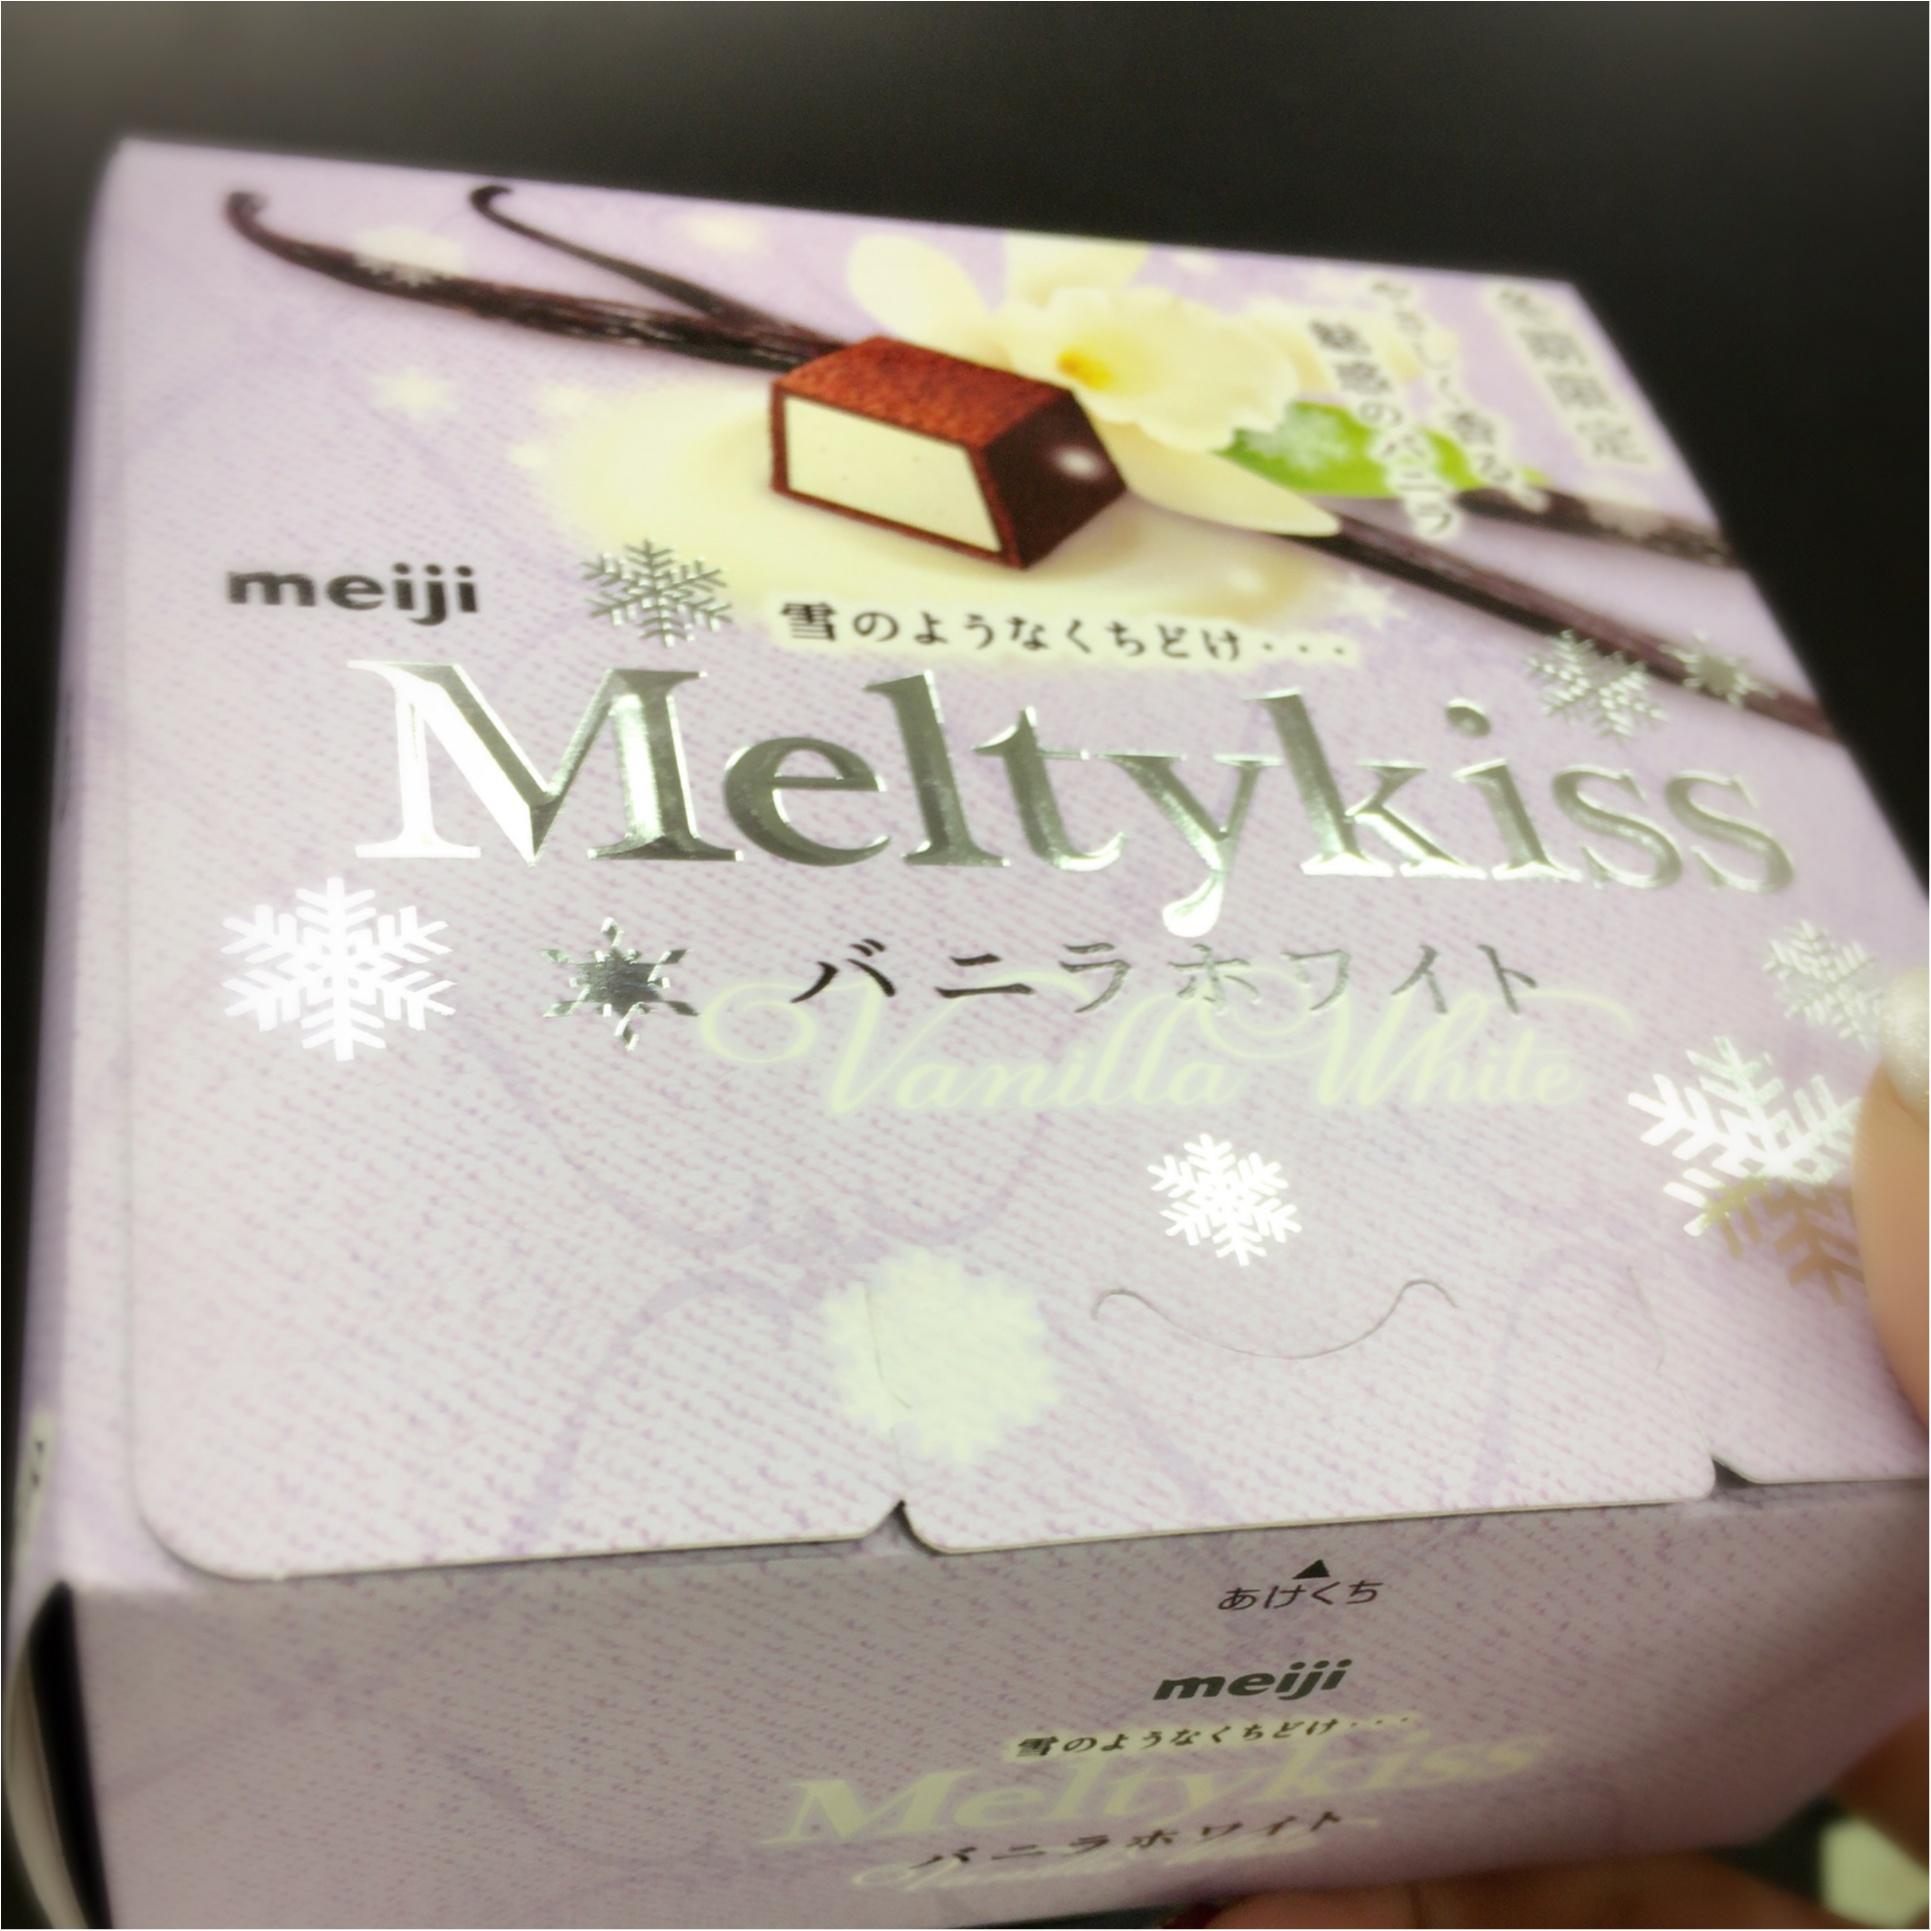 【15時のおやつ】1/10発売!MeltyKissバニラホワイト♡_1